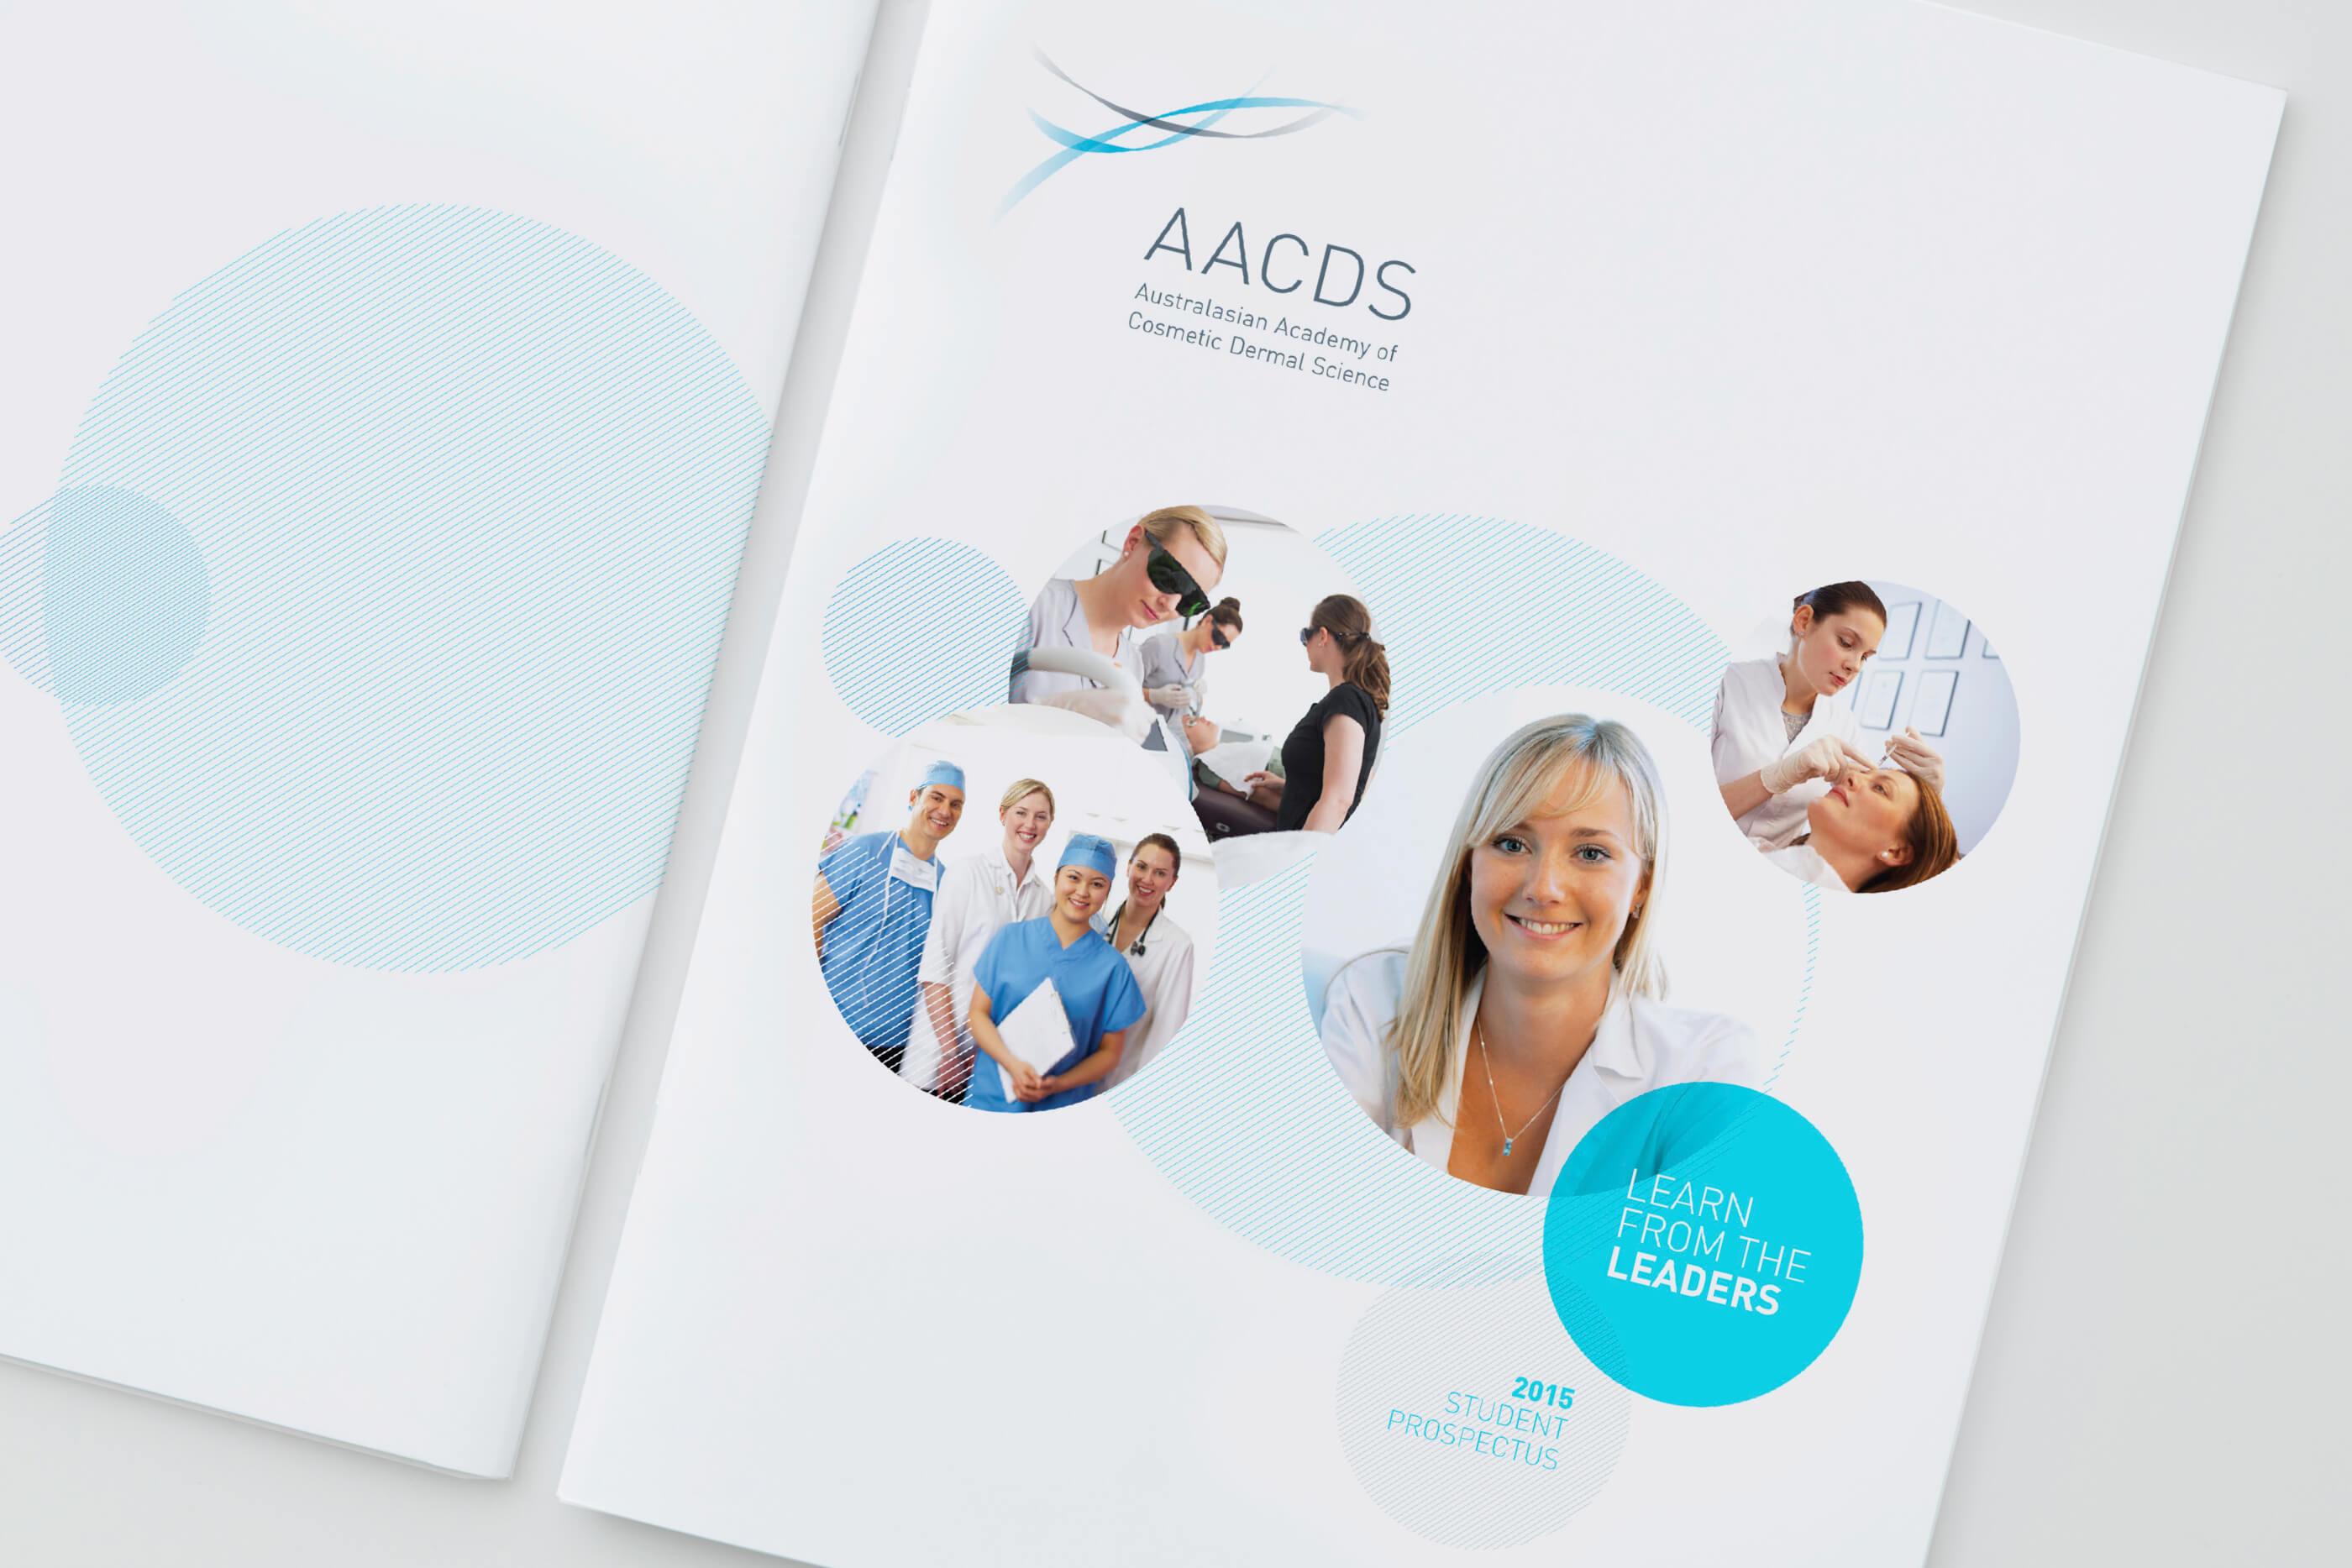 aacds_prospectus_6